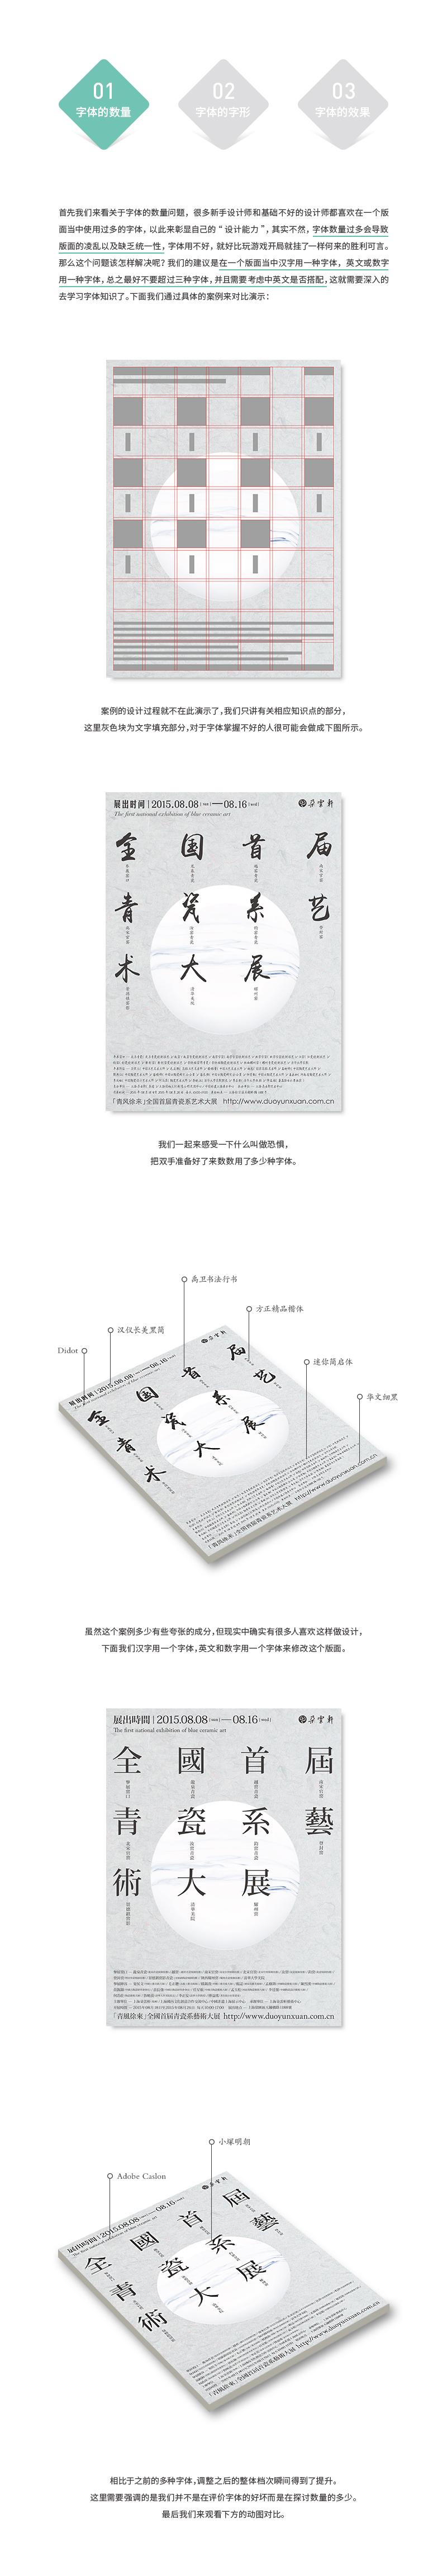 如何提高设计档次的8个方法-(zhile.tv知了)一个呆萌的设计网站!